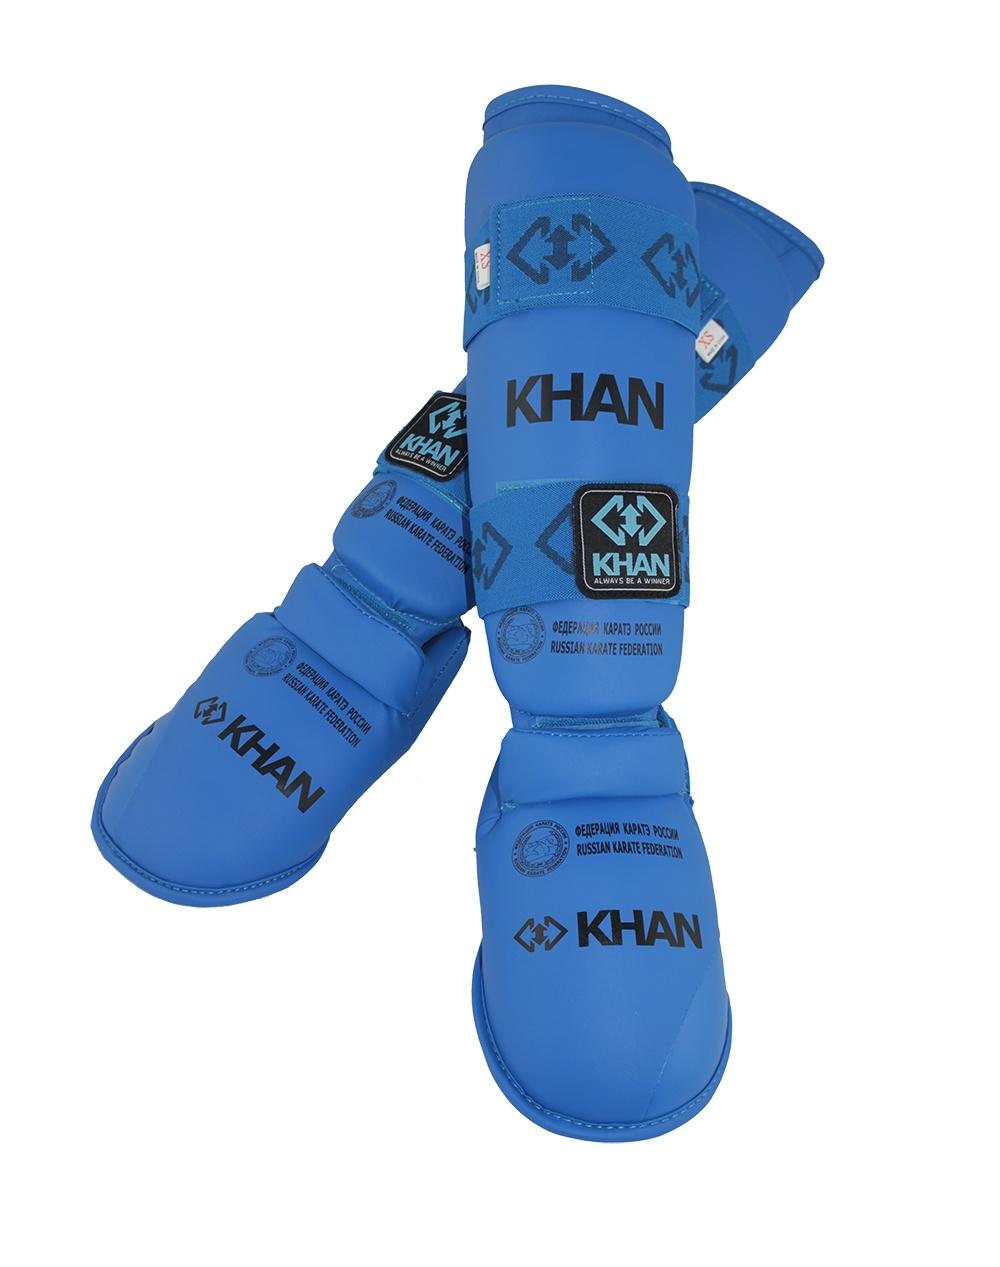 Защита голени и стопы Khan Каратэ ФКР, FKR23001_5, синий, размер XS защита торса khan каратэ фкр fkr5000 4 бежевый размер l